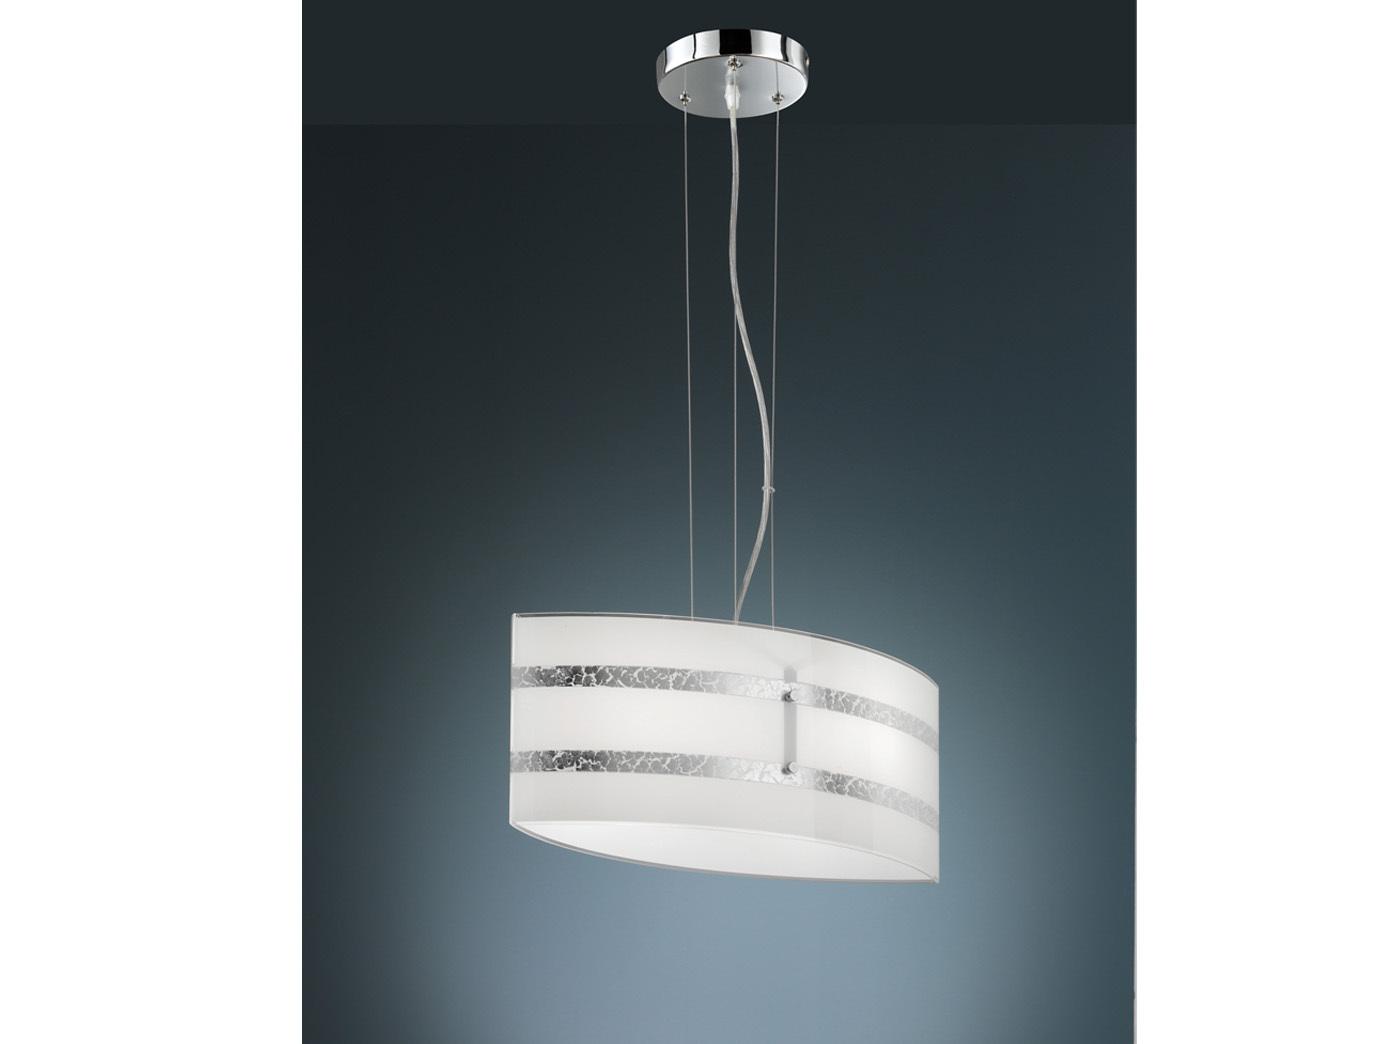 1 flammige Hängeleuchte mit Glas Schirm in weiß mit 2 silberfarbenen Streifen